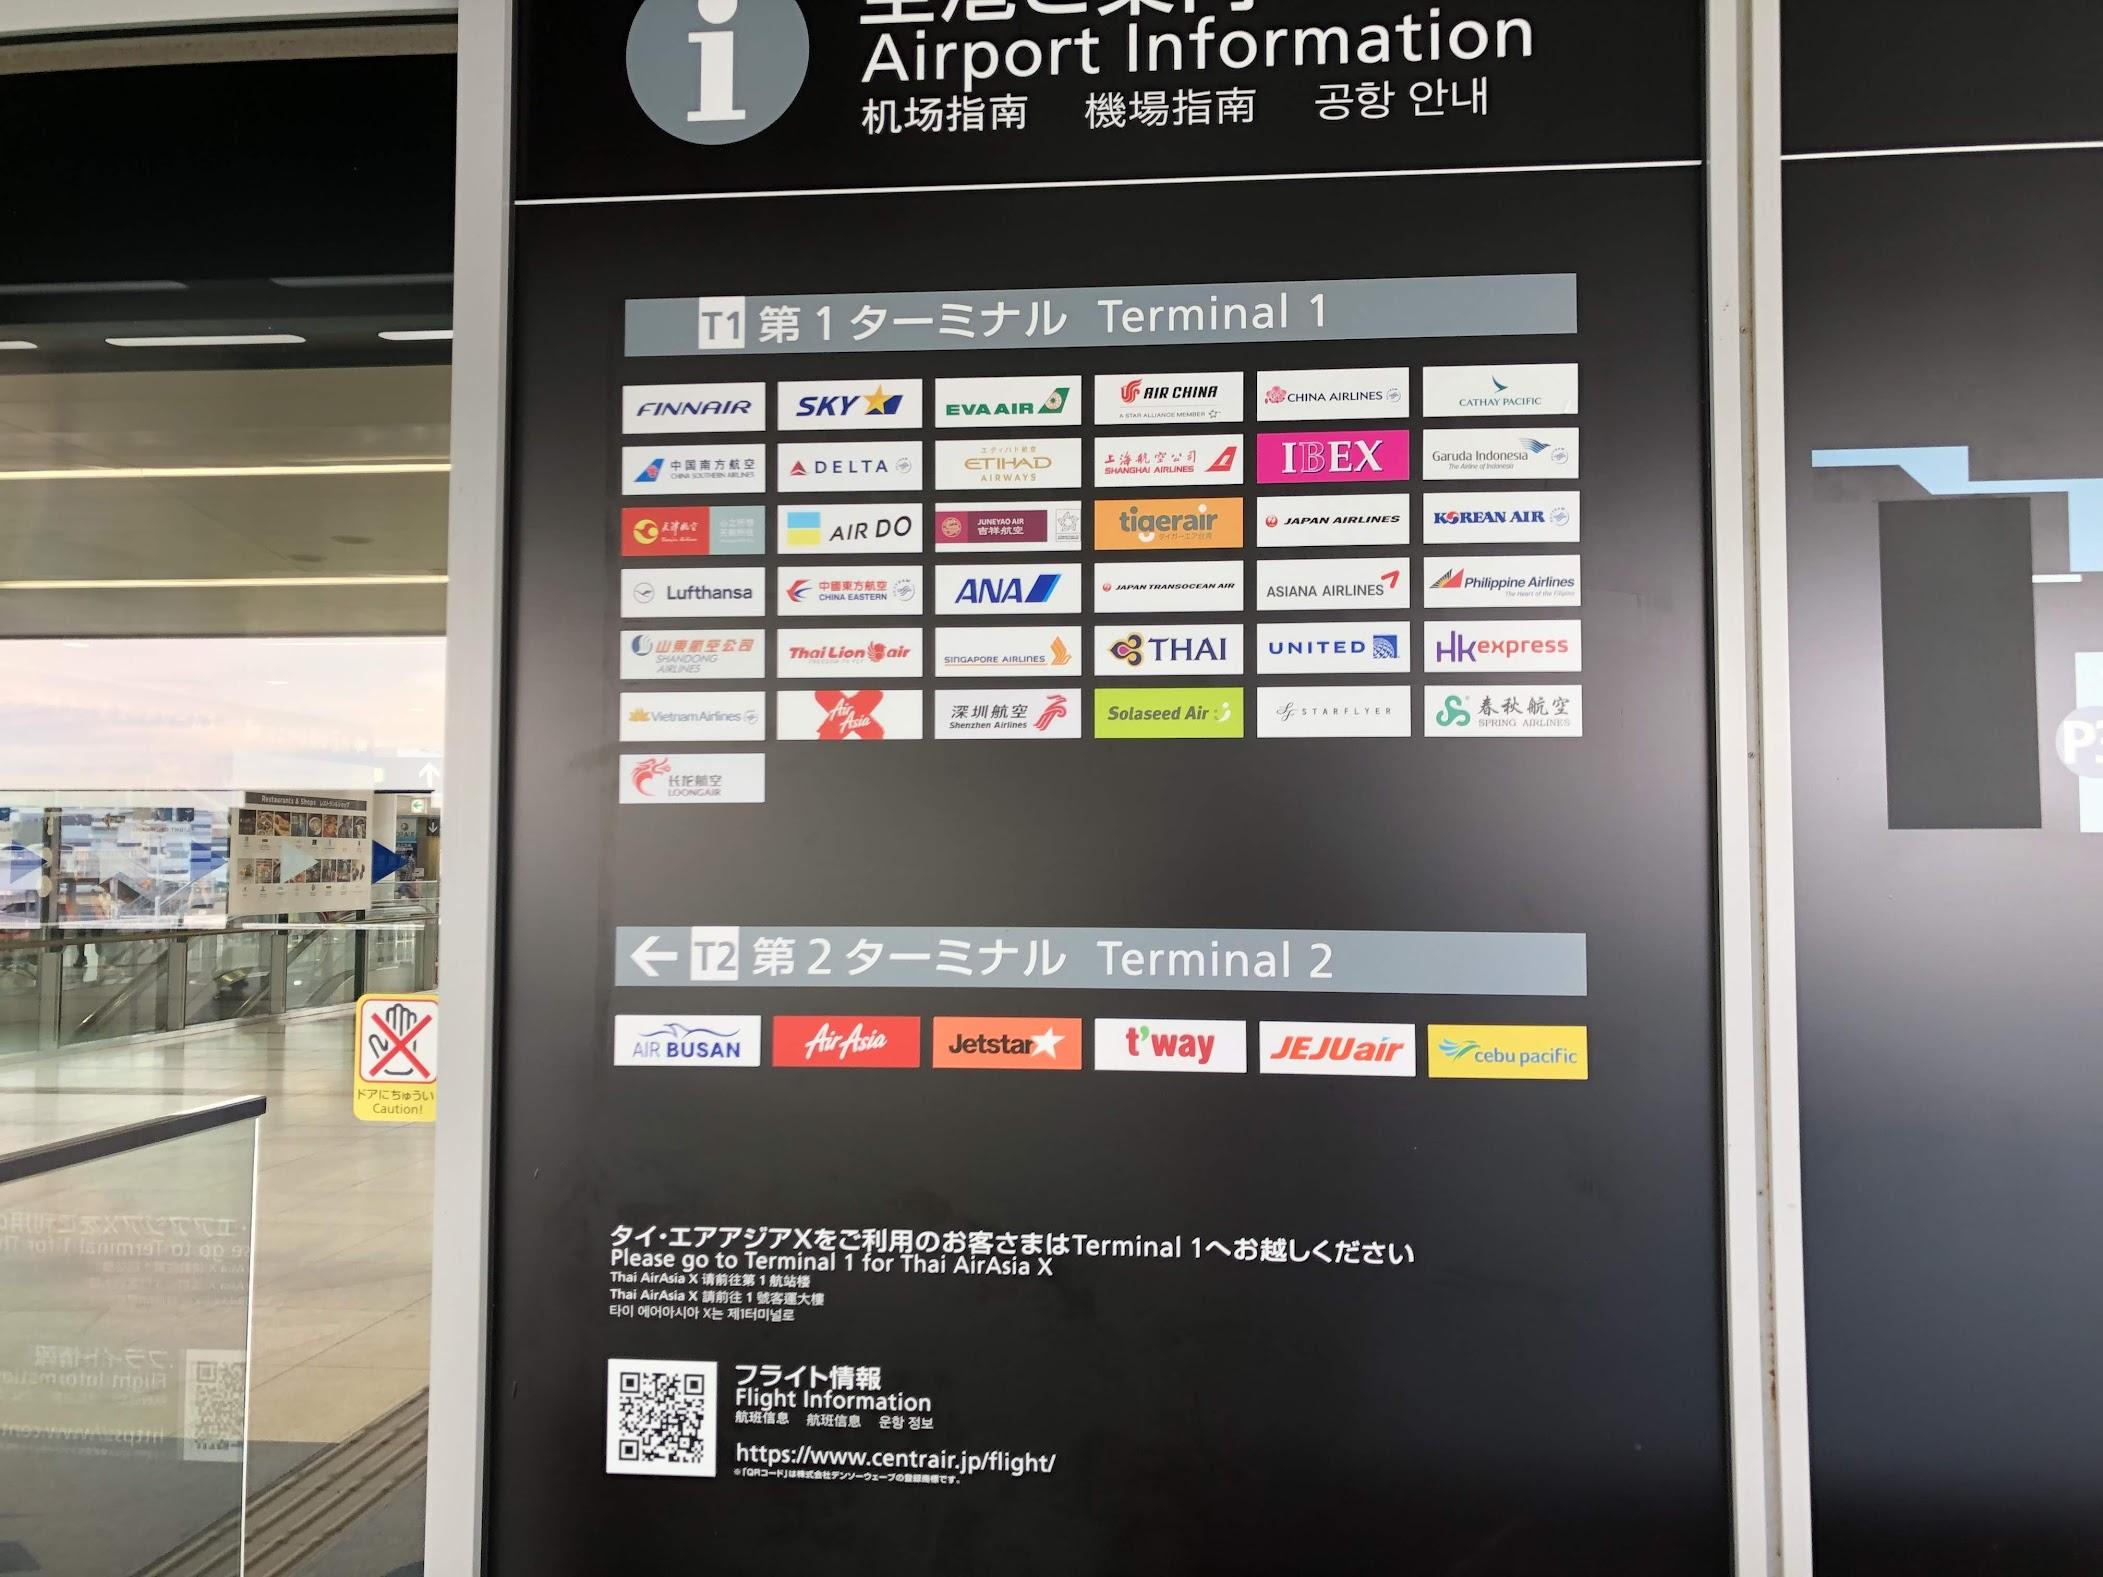 空港に両親を送り届けよう